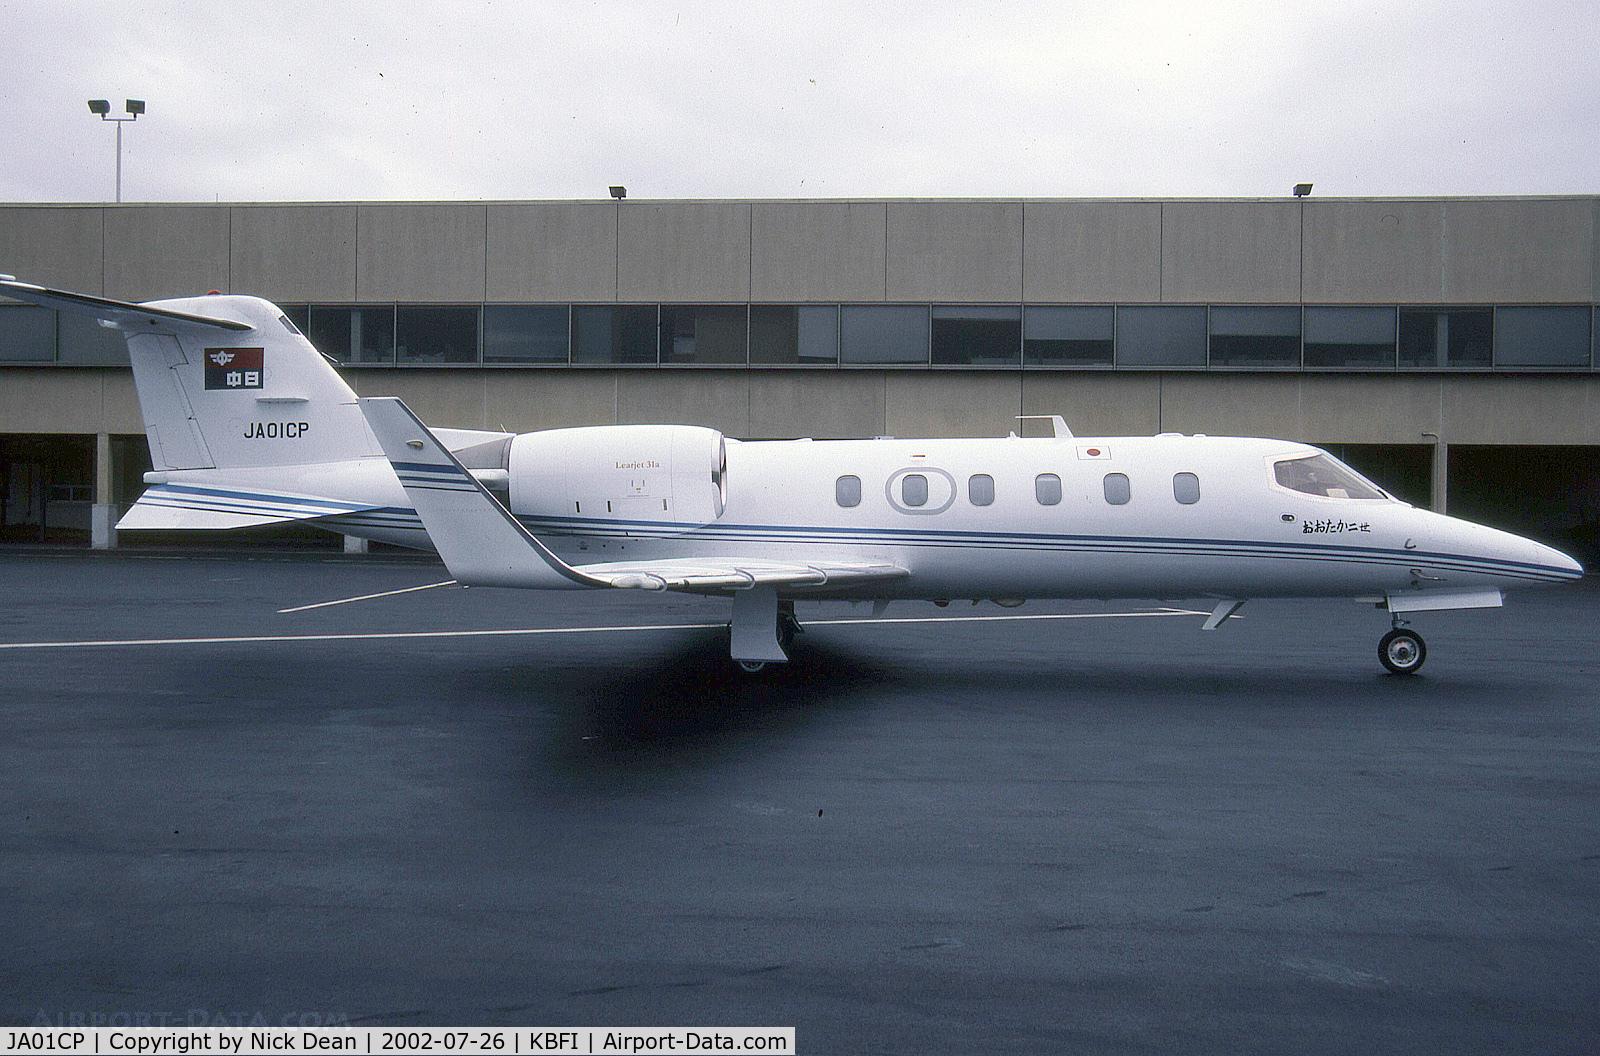 JA01CP, 1997 Learjet 31A C/N 31A-144, KBFI